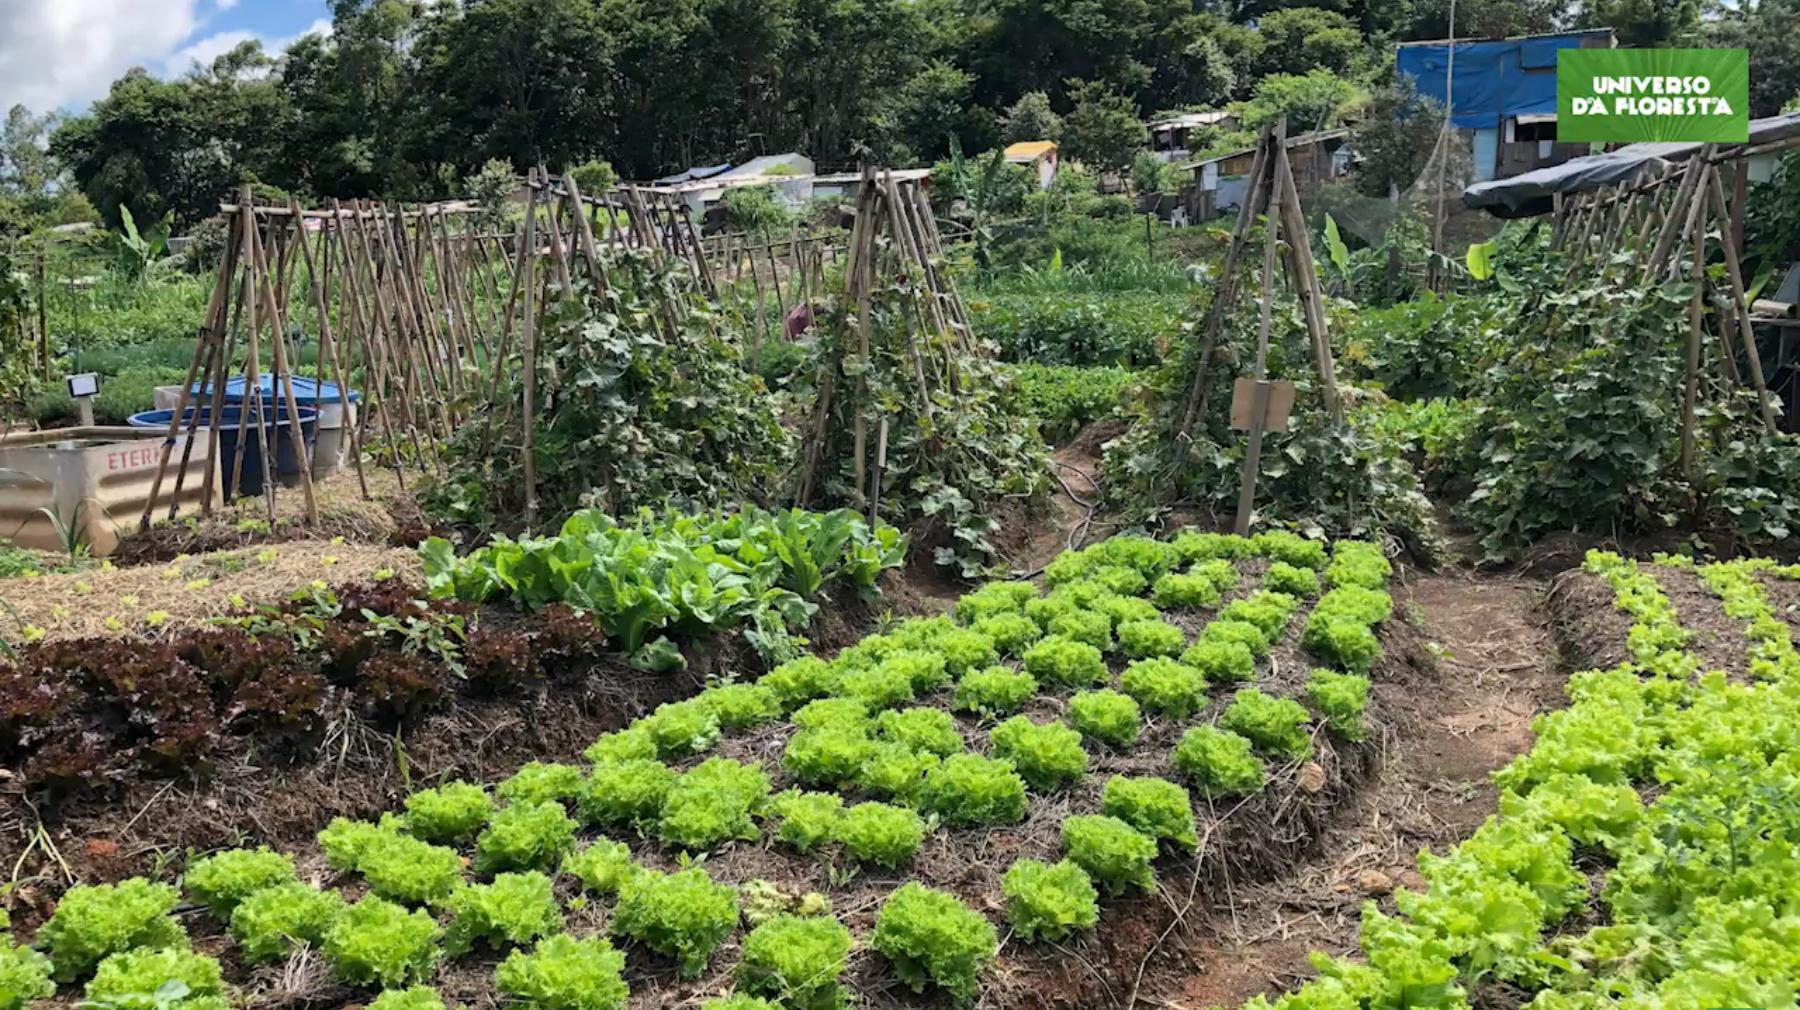 2020 07 07 7 - Campo de futebol vira horta orgânica para alimentar mais de mil famílias